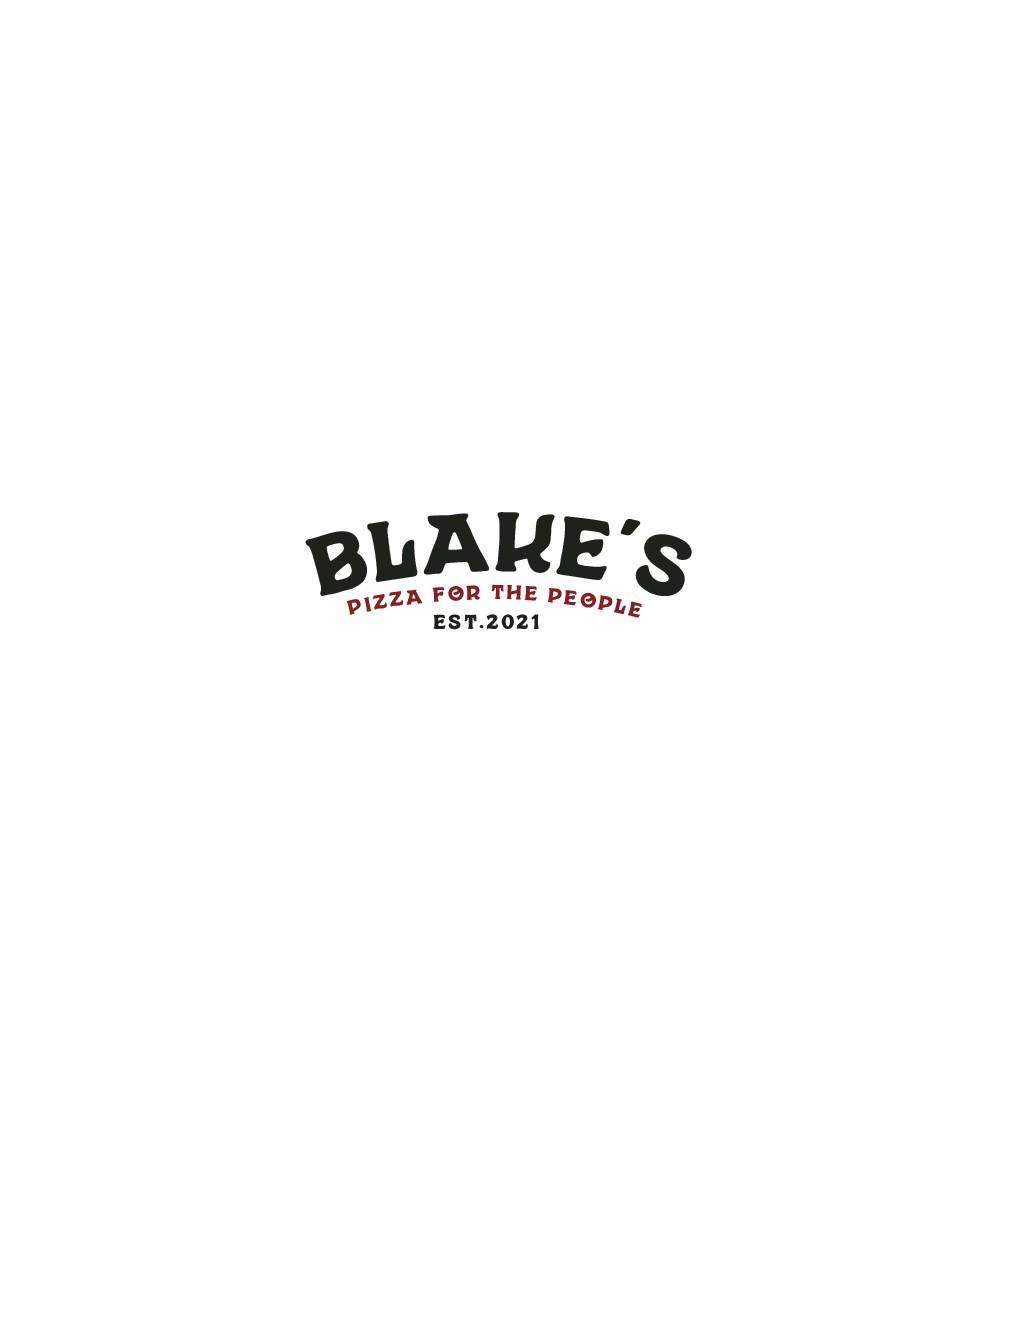 Design a unique and bold Pizza Takeout Logo